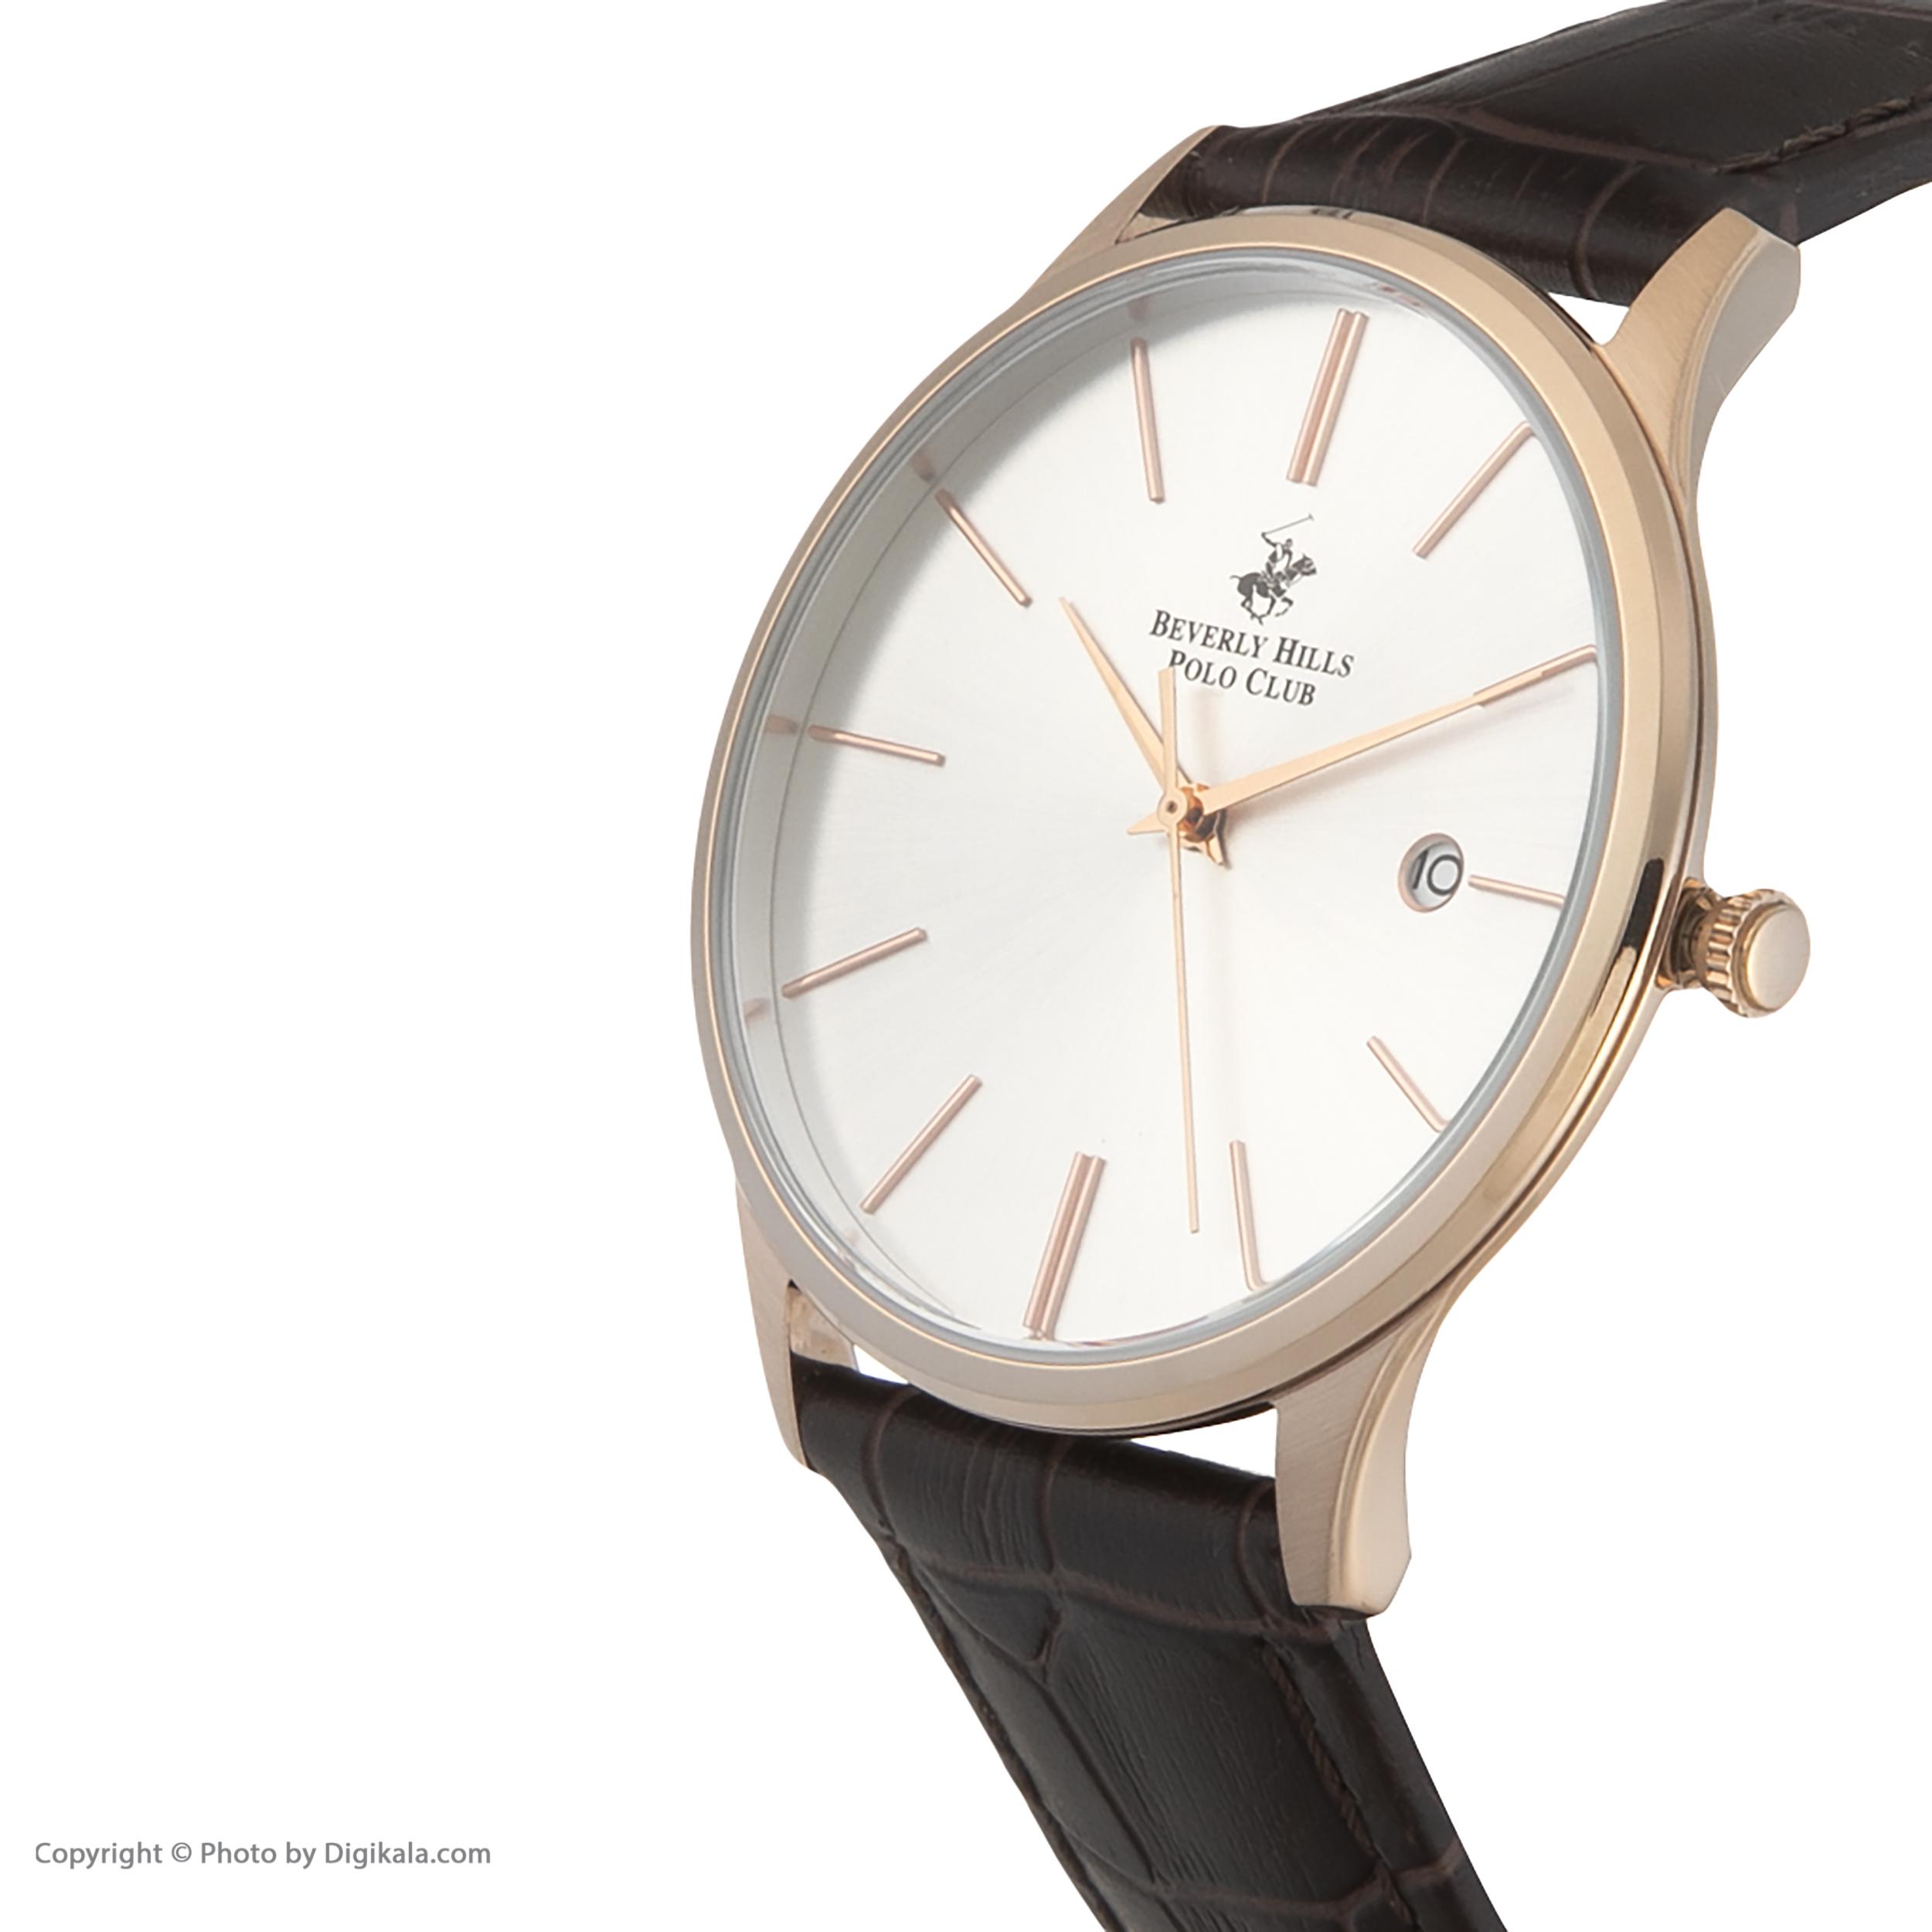 ساعت مچی عقربهای مردانه بورلی هیلز پولو کلاب مدل BP3045X.432